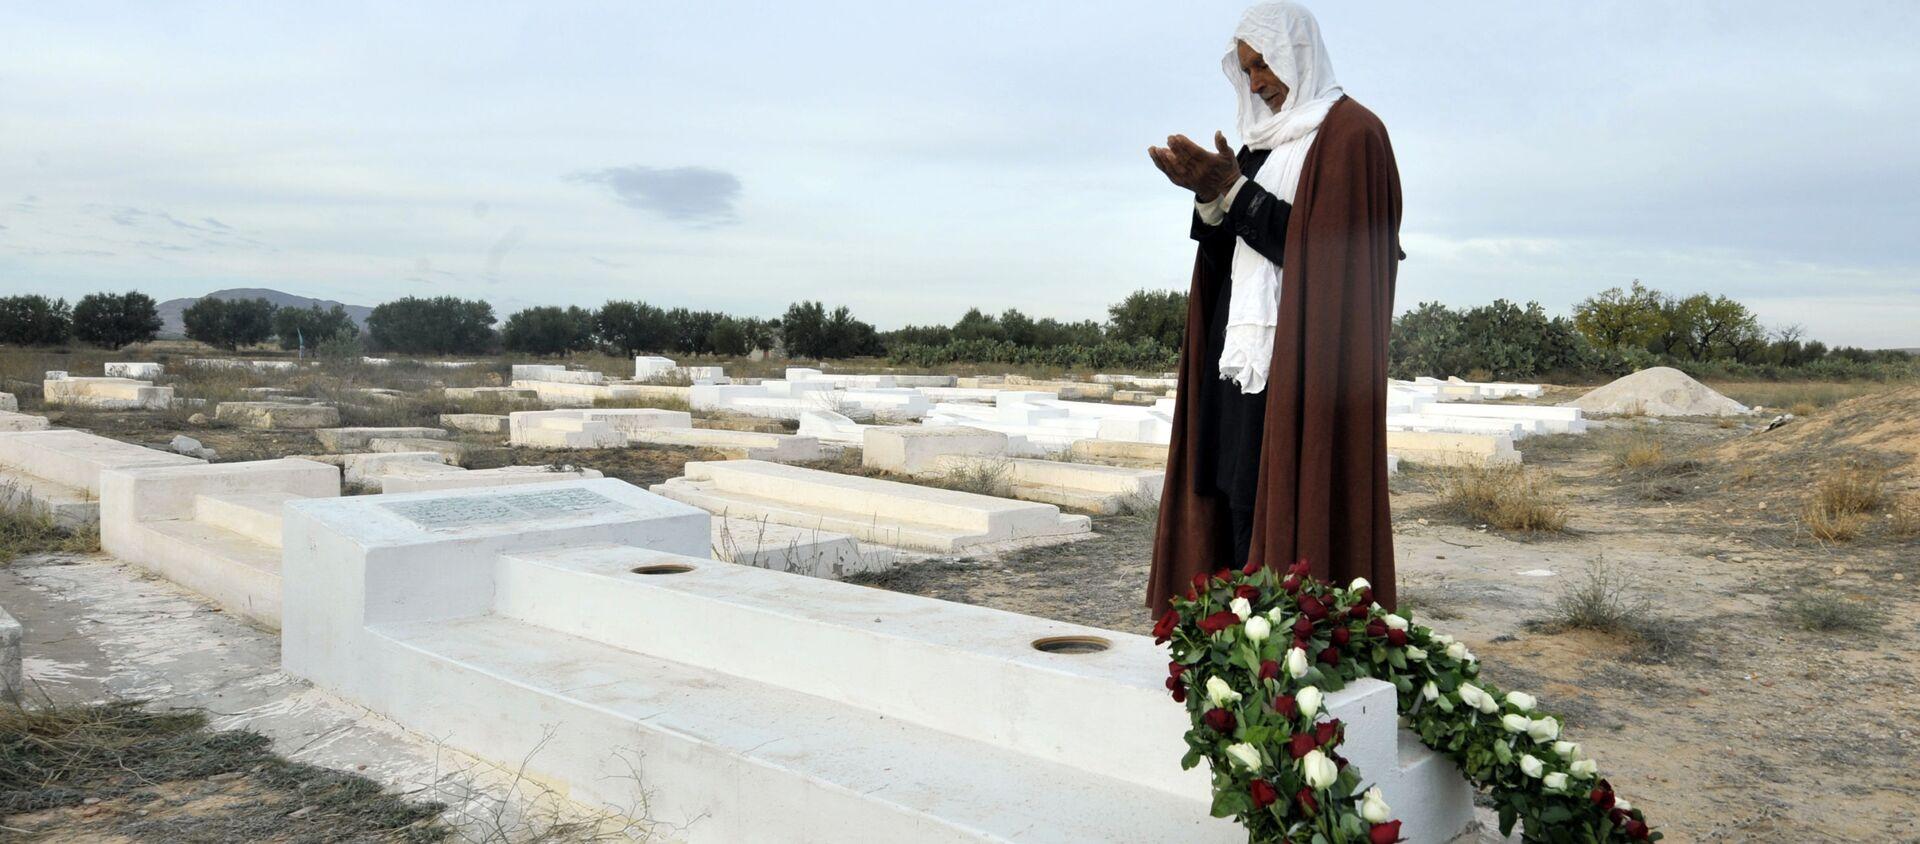 Un uomo prega sulla tomba di Mohammed Bouazizi in Tunisia - Sputnik Italia, 1920, 15.12.2020